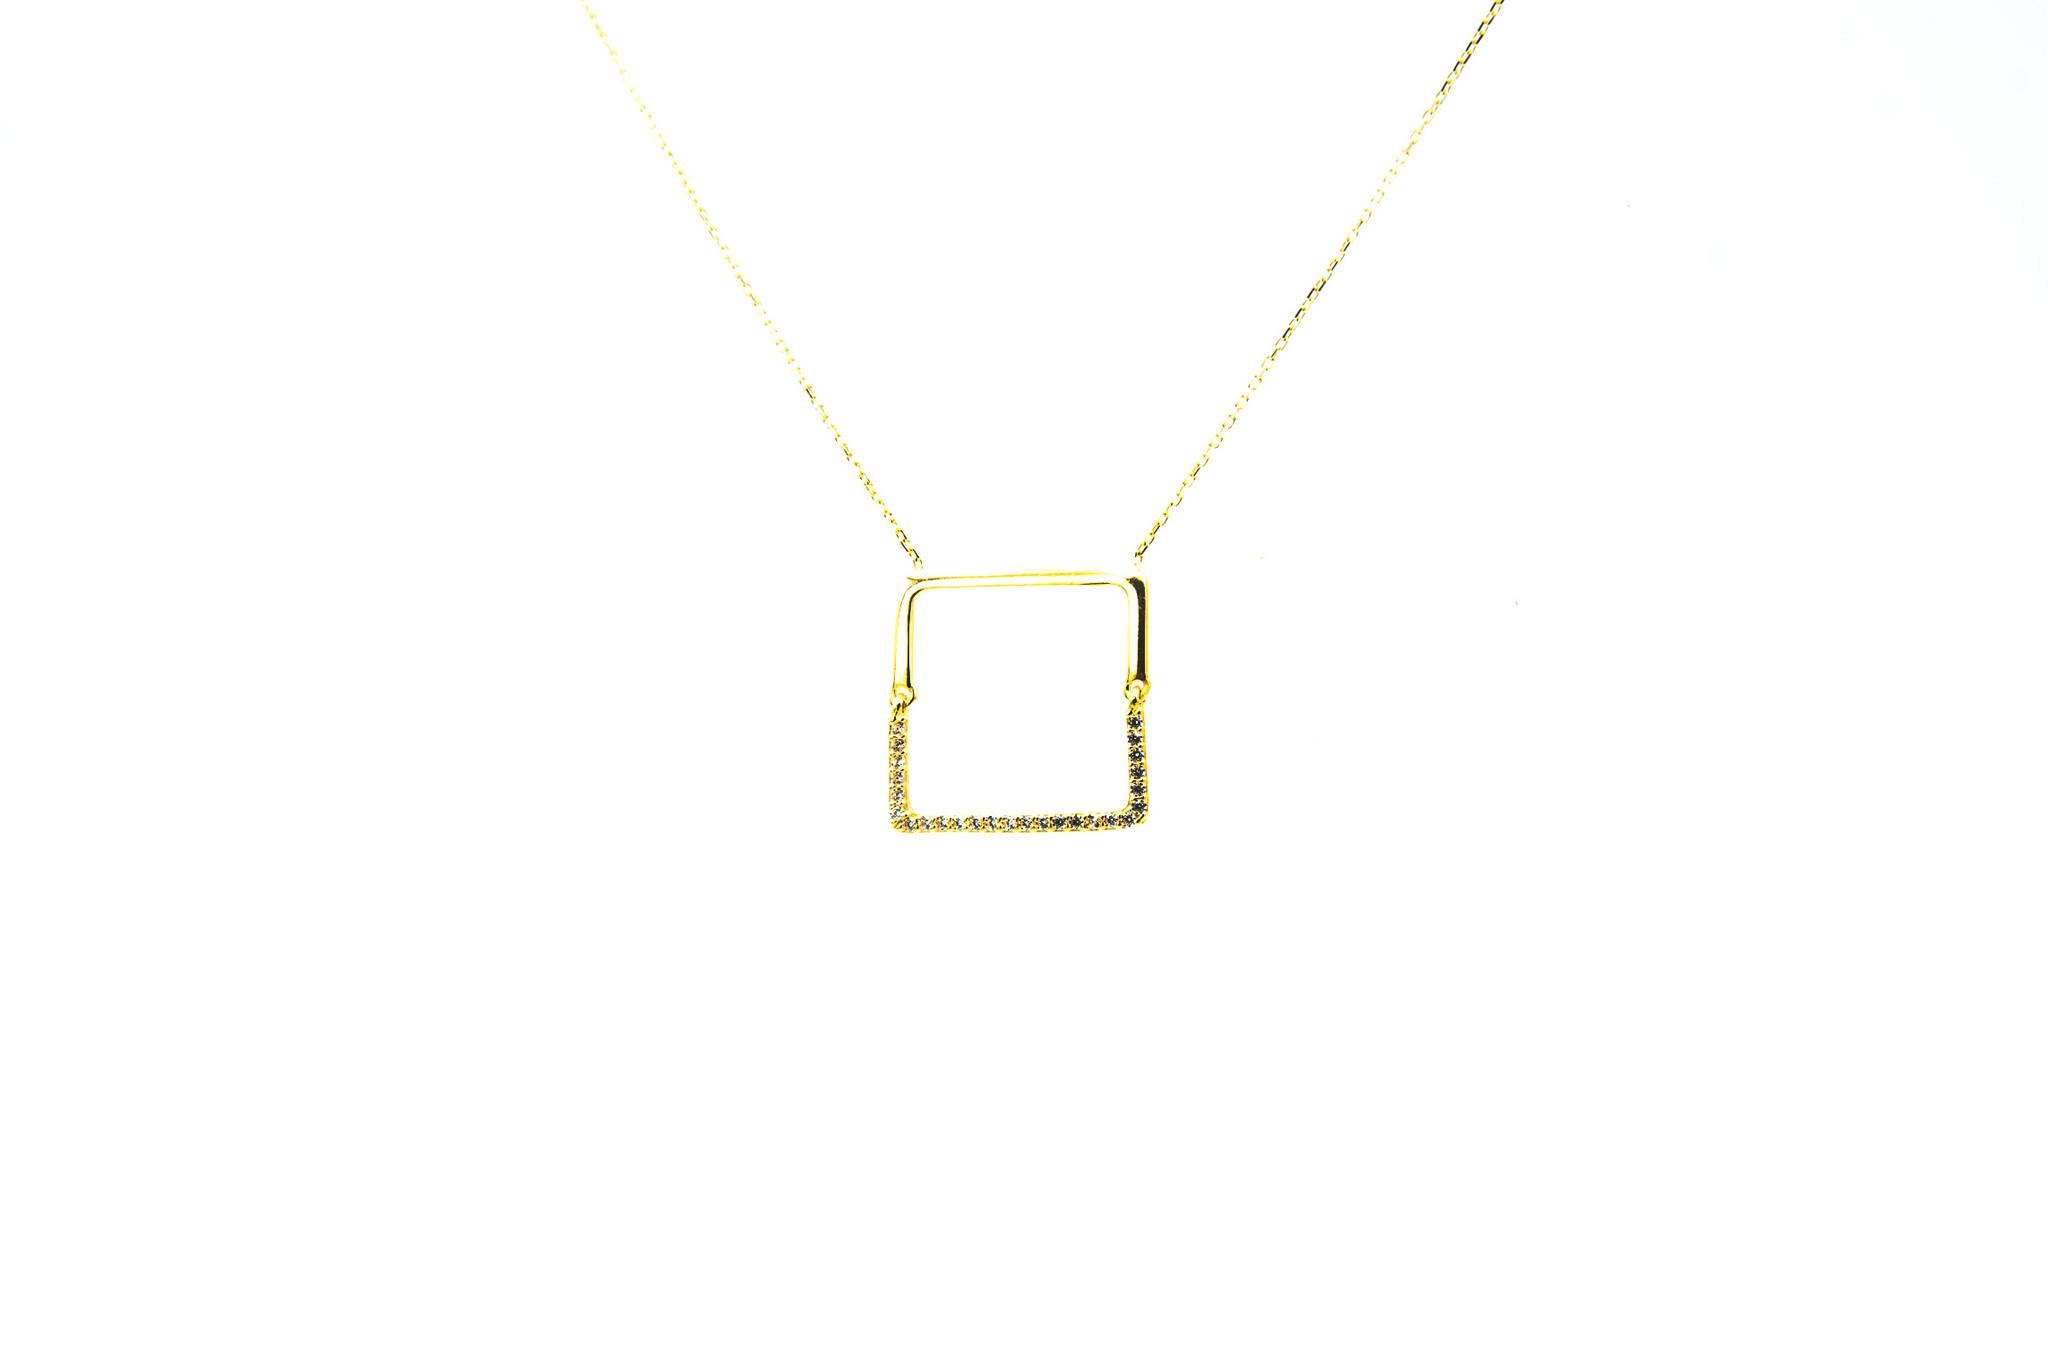 Ketting met vaste hanger vierkant en zirkonia's-4